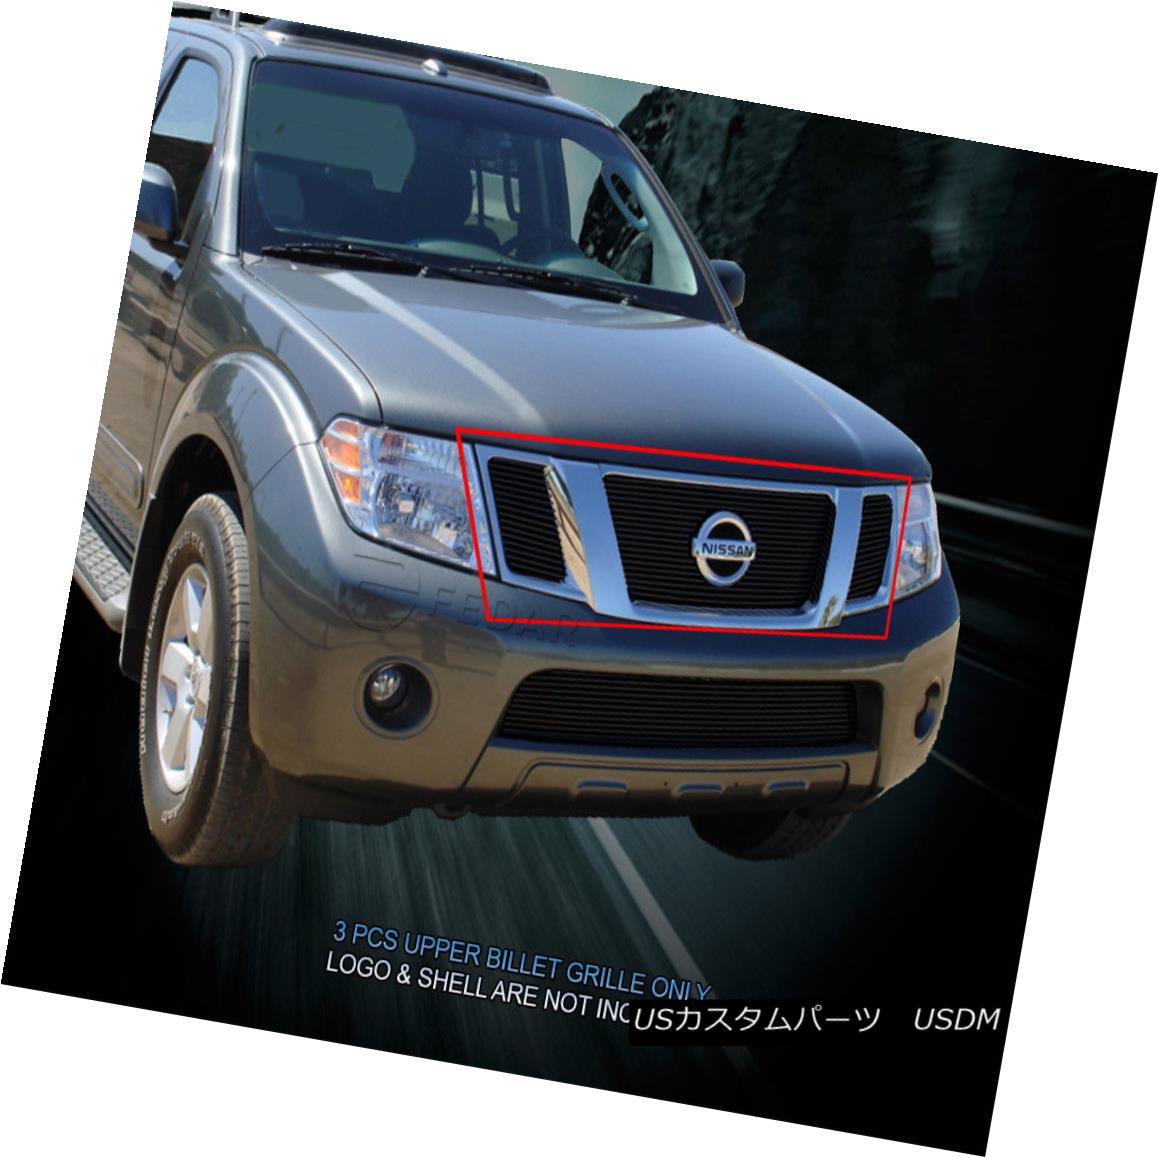 グリル Fits 08-12 Nissan Pathfinder Black Billet Grille Grill Upper Insert Fedar フィット08-12日産パスファインダーブラックビレットグリルグリルアッパーインサートフェルダー